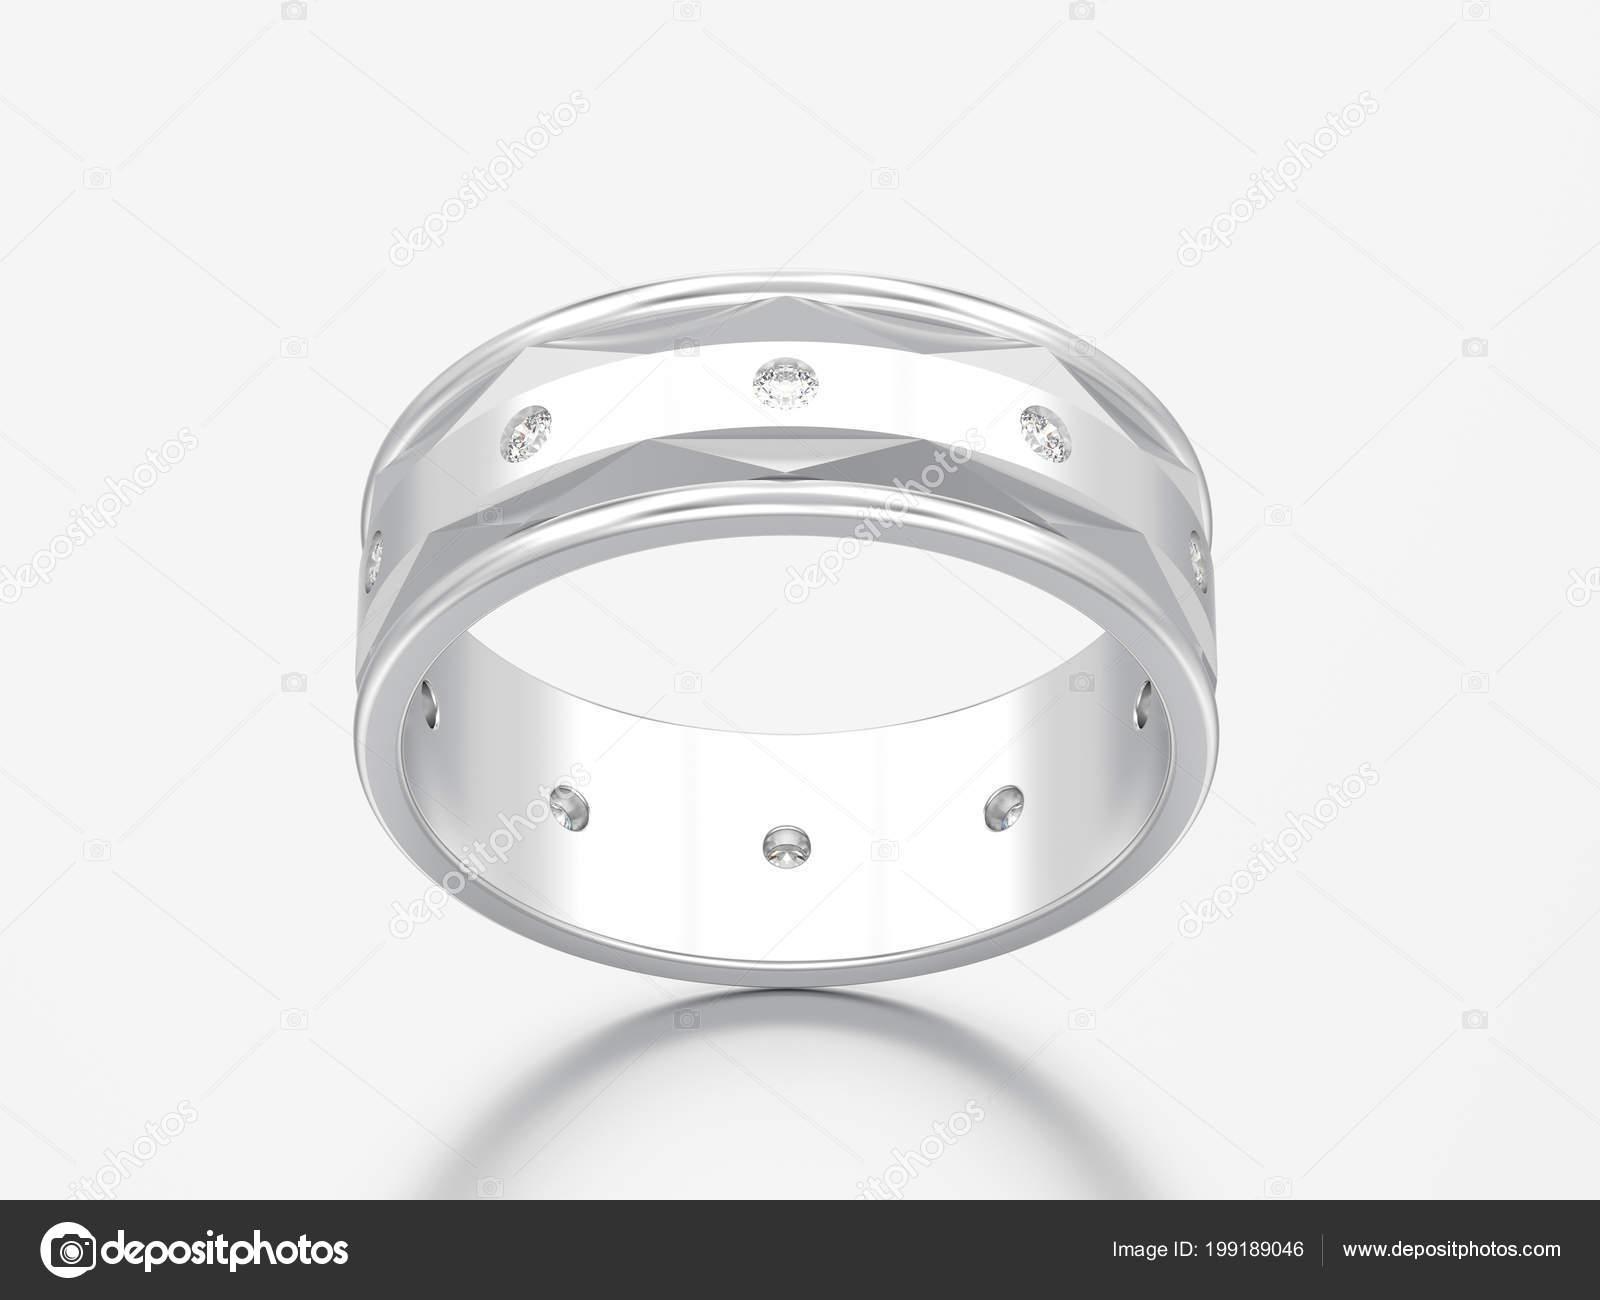 Abbildung Weißgold Oder Silber Gold Modern Hochzeit Diamant